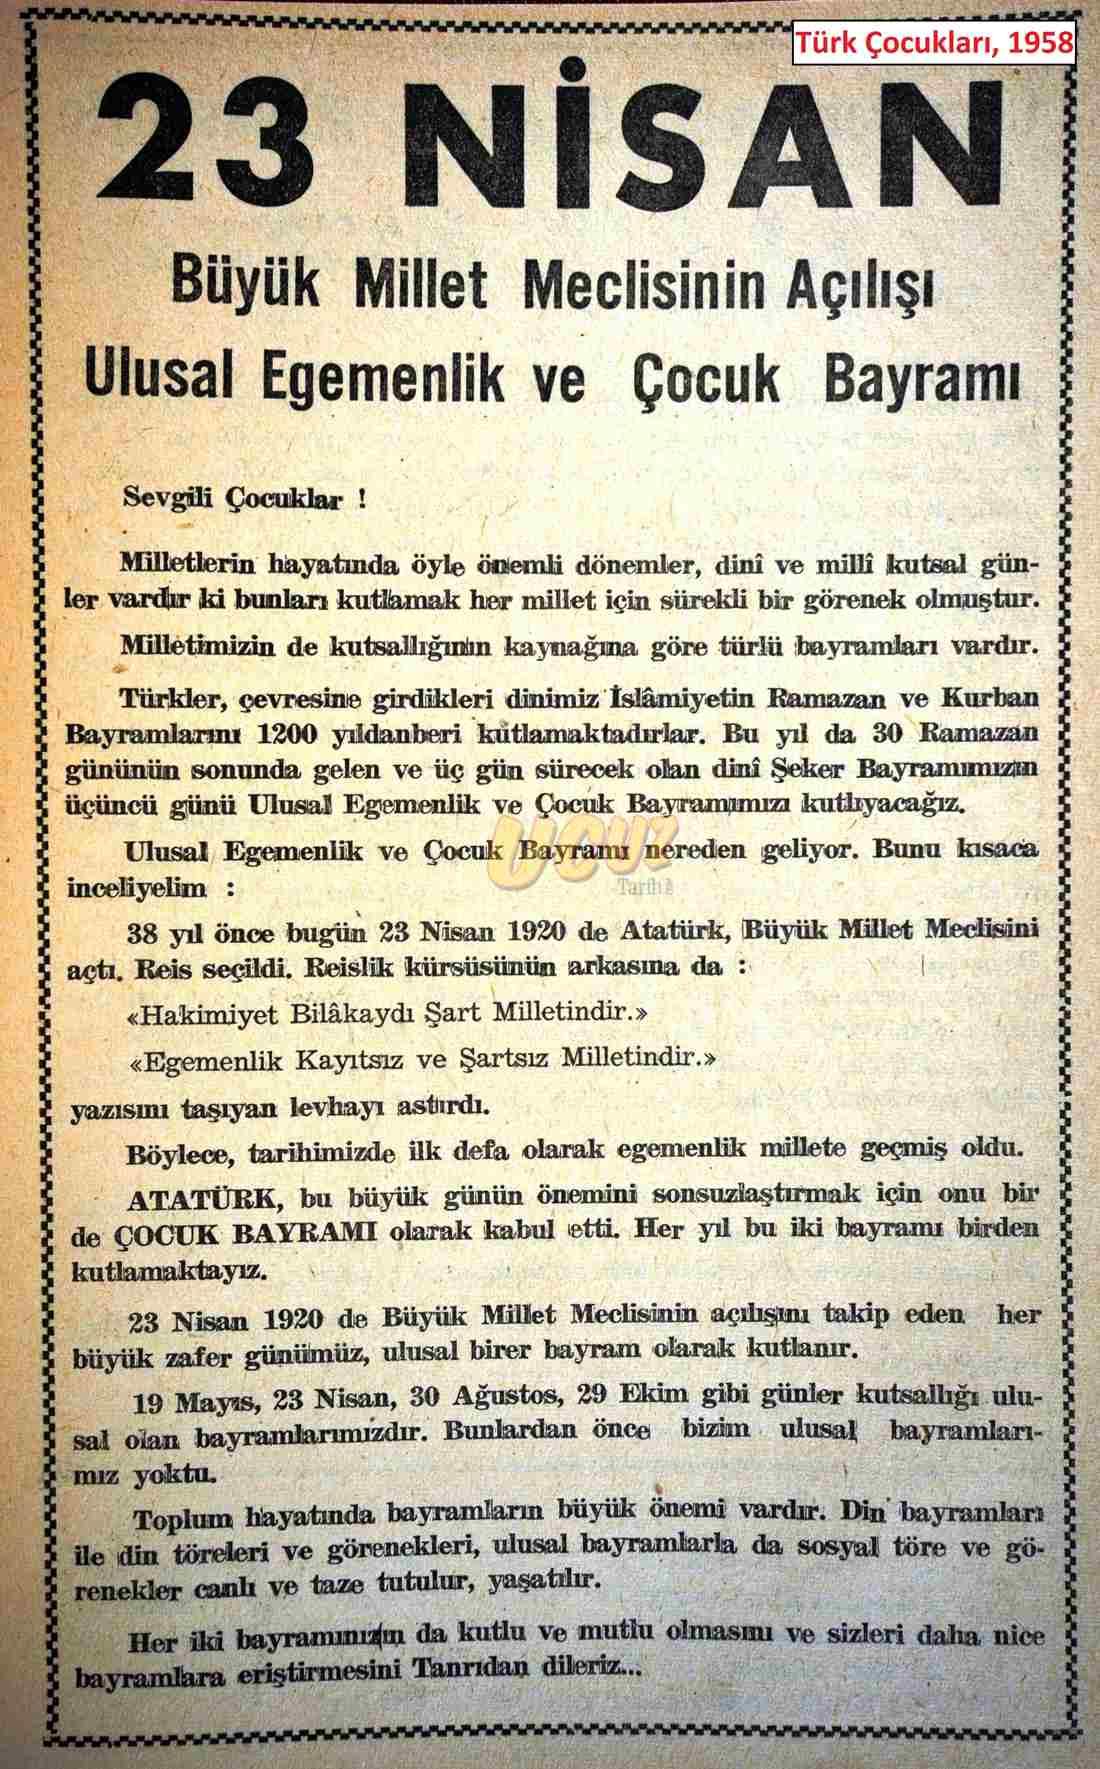 1958 türk çocukları 2